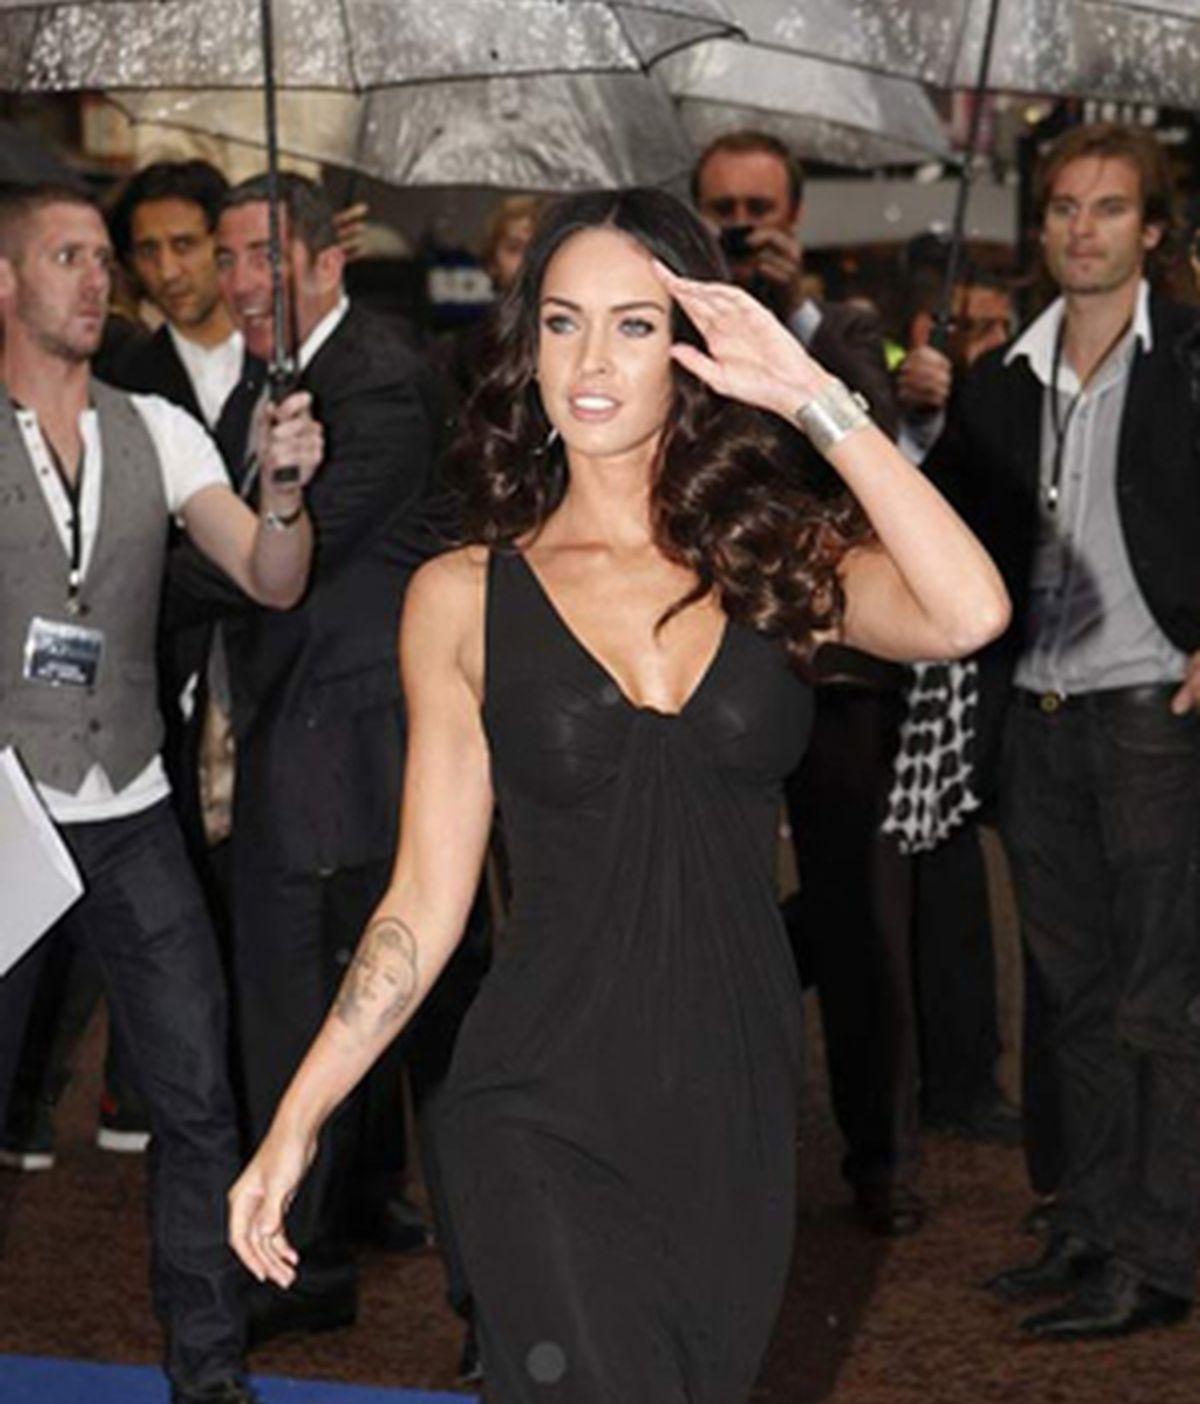 La aztriz Megan Fox tendrá un papel más relevante en Transfomers 3, así lo ha afirmado Michael Bay, director de la saga.